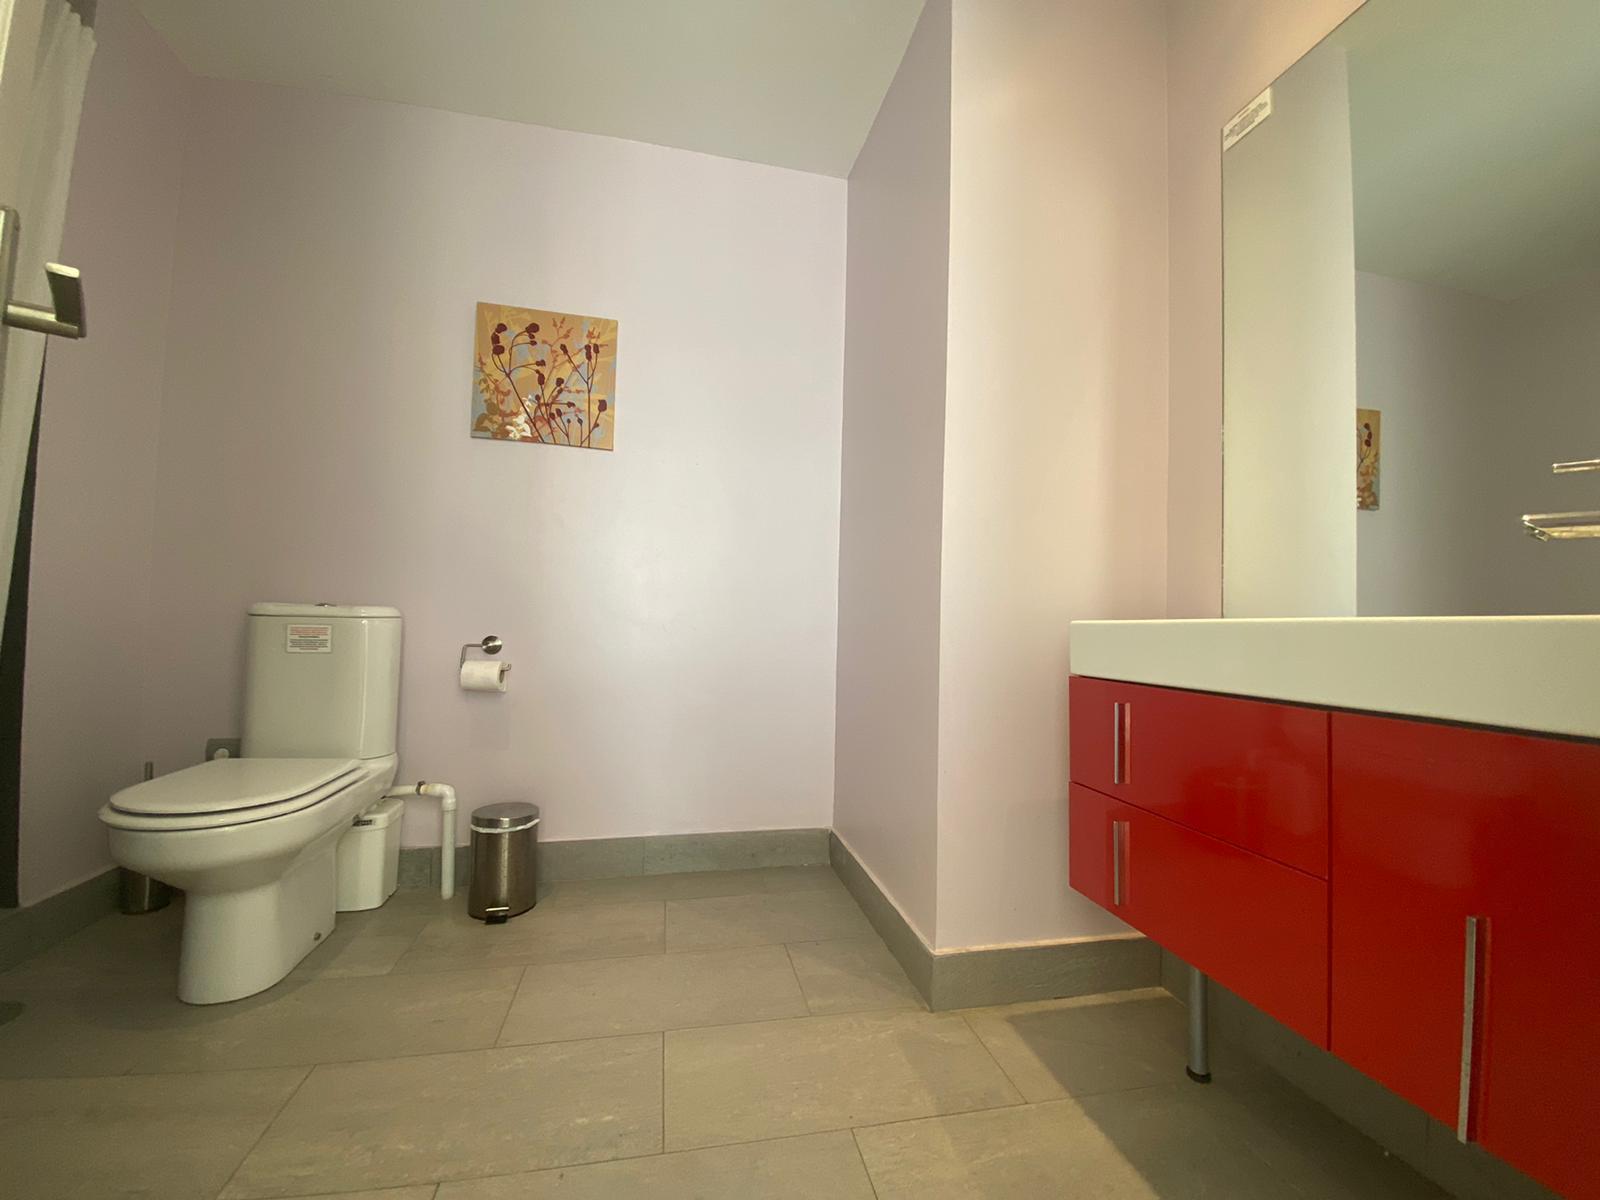 Imagen 15 del Apartamento Turístico, Ático 7 Levante (3d +2b), Punta del Moral (HUELVA), Paseo de la Cruz nº22